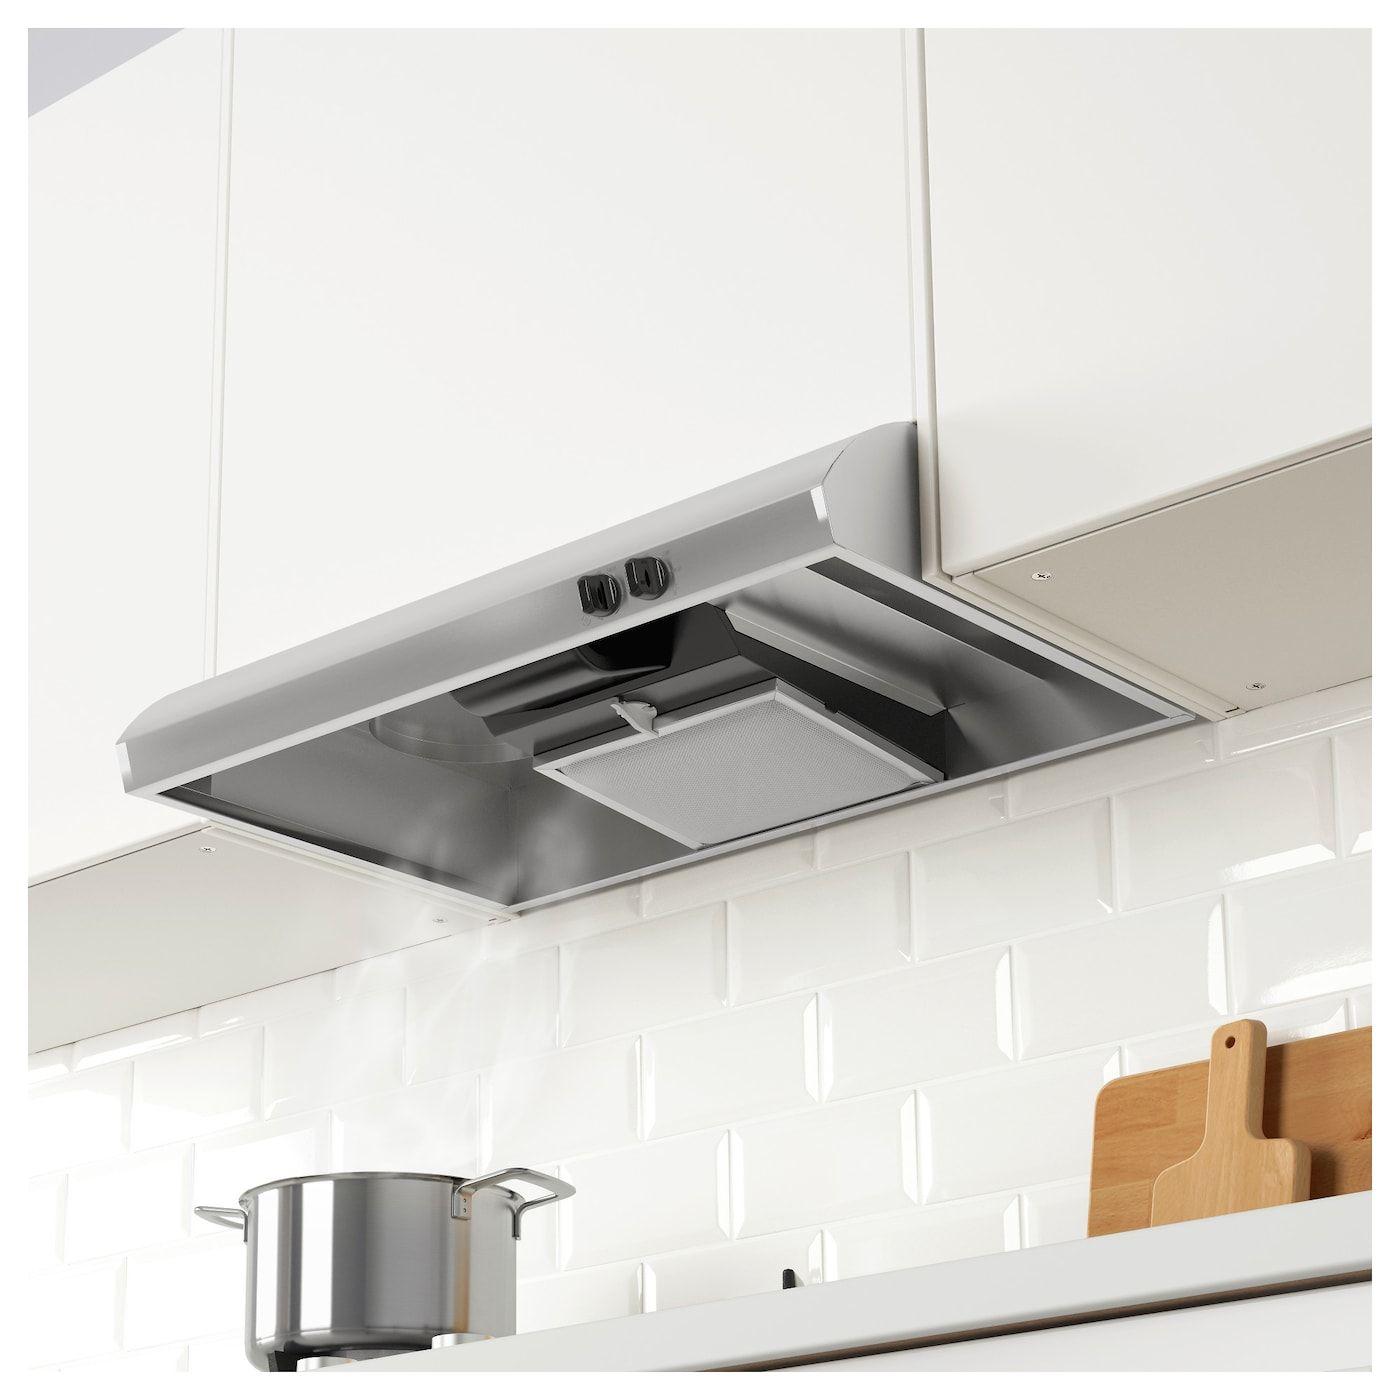 IKEA - LUFTIG Exhaust fan Stainless steel  Exhaust fan kitchen